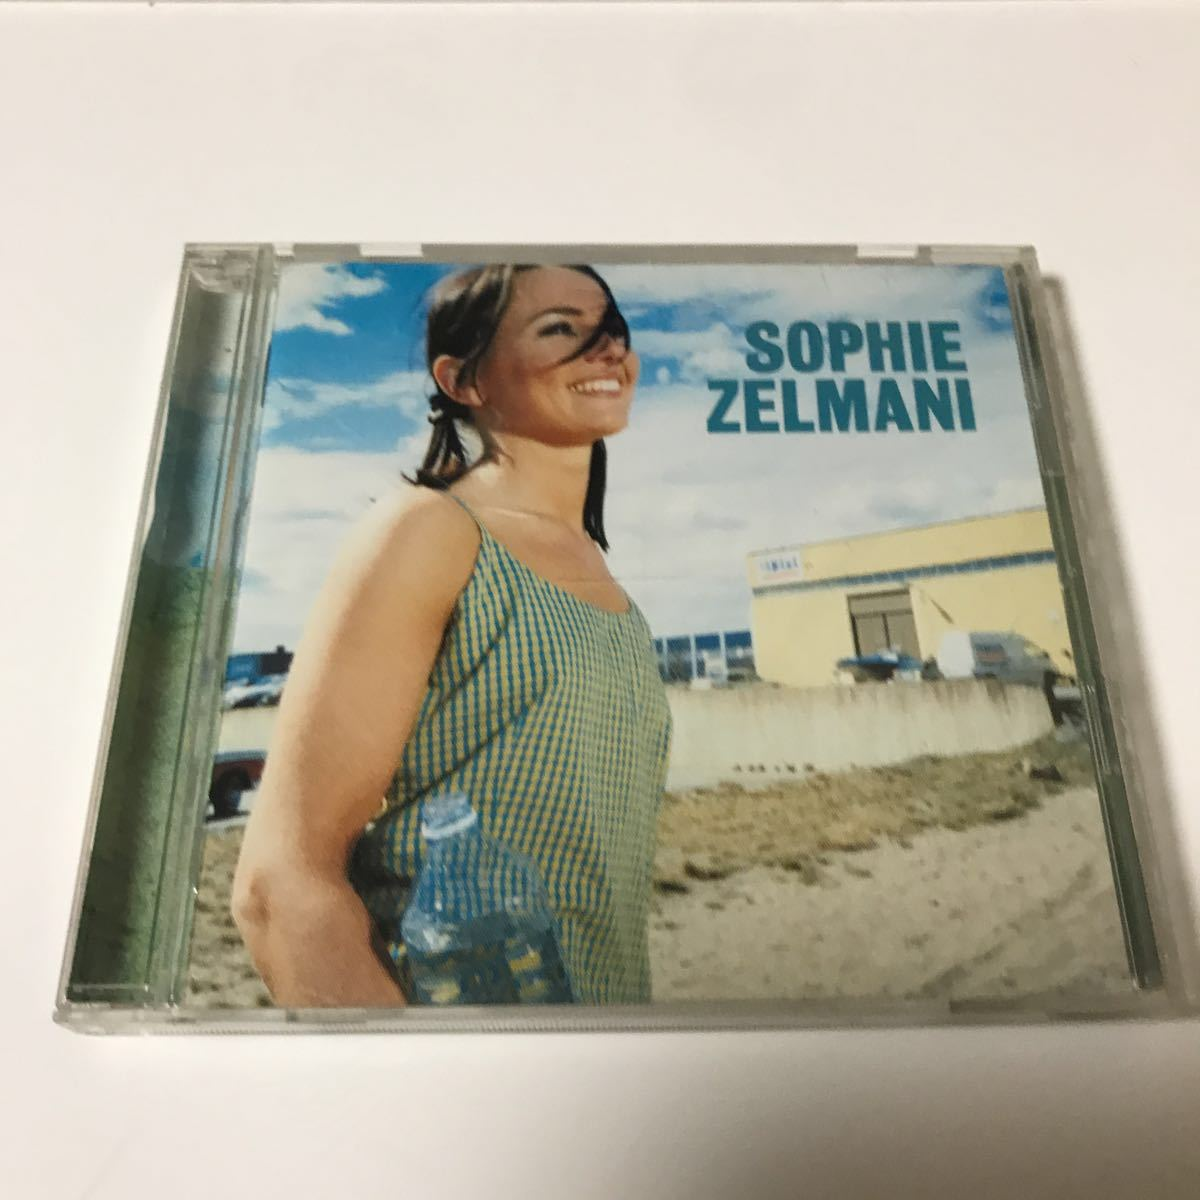 ソフィー・セルマーニ SOPHIE ZELMANI 日本盤全12曲収録 CDアルバム_画像1